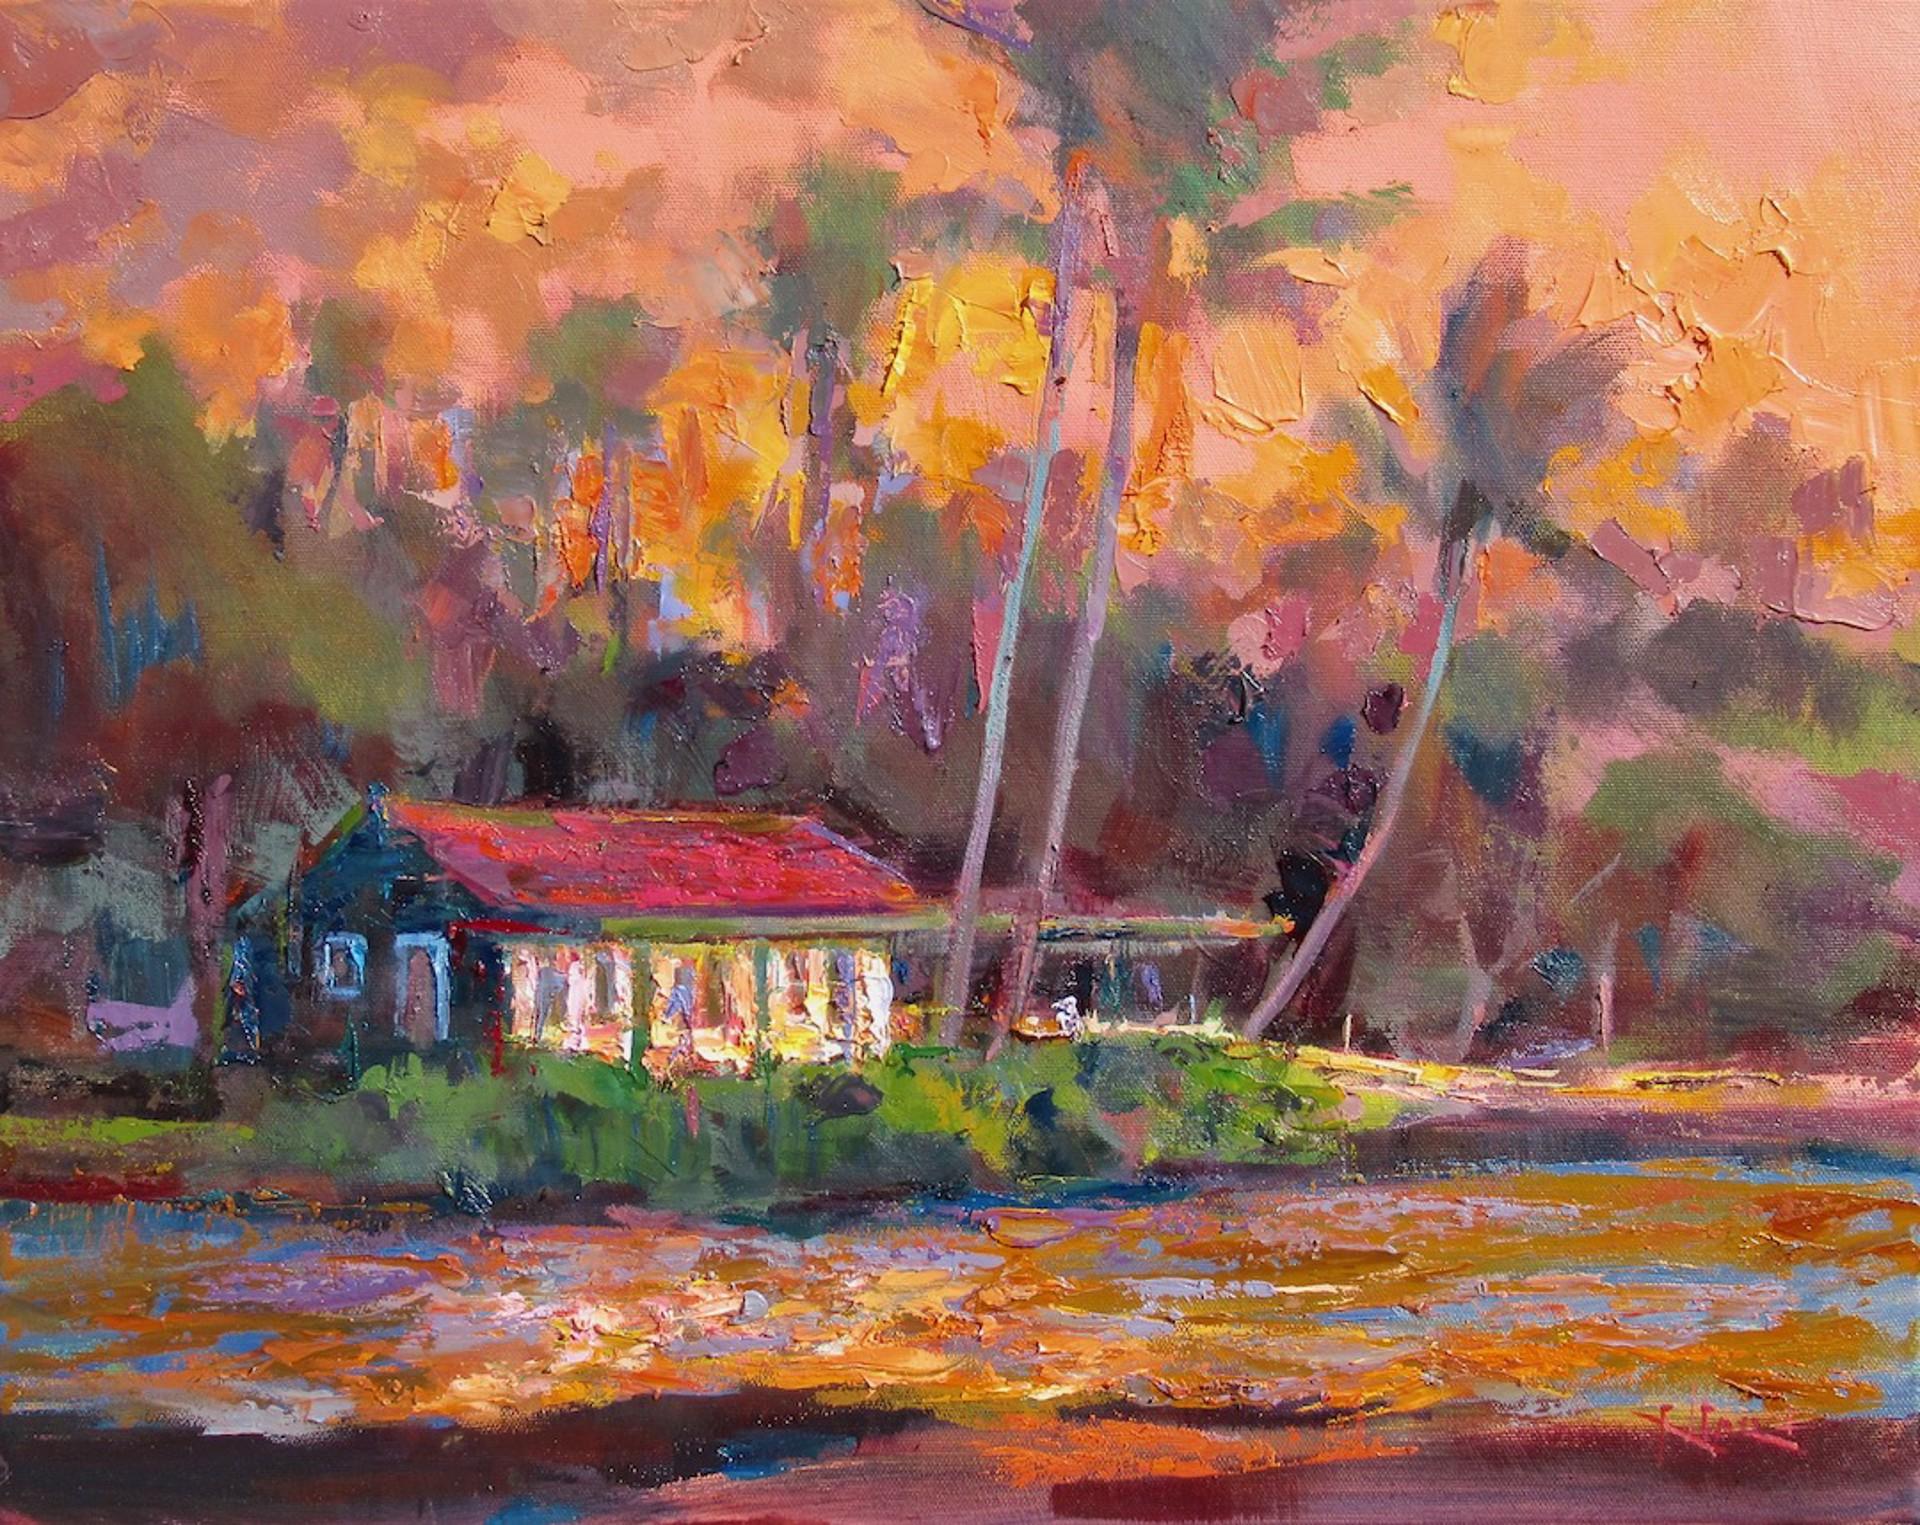 Eva At Sundown by Rod Cameron